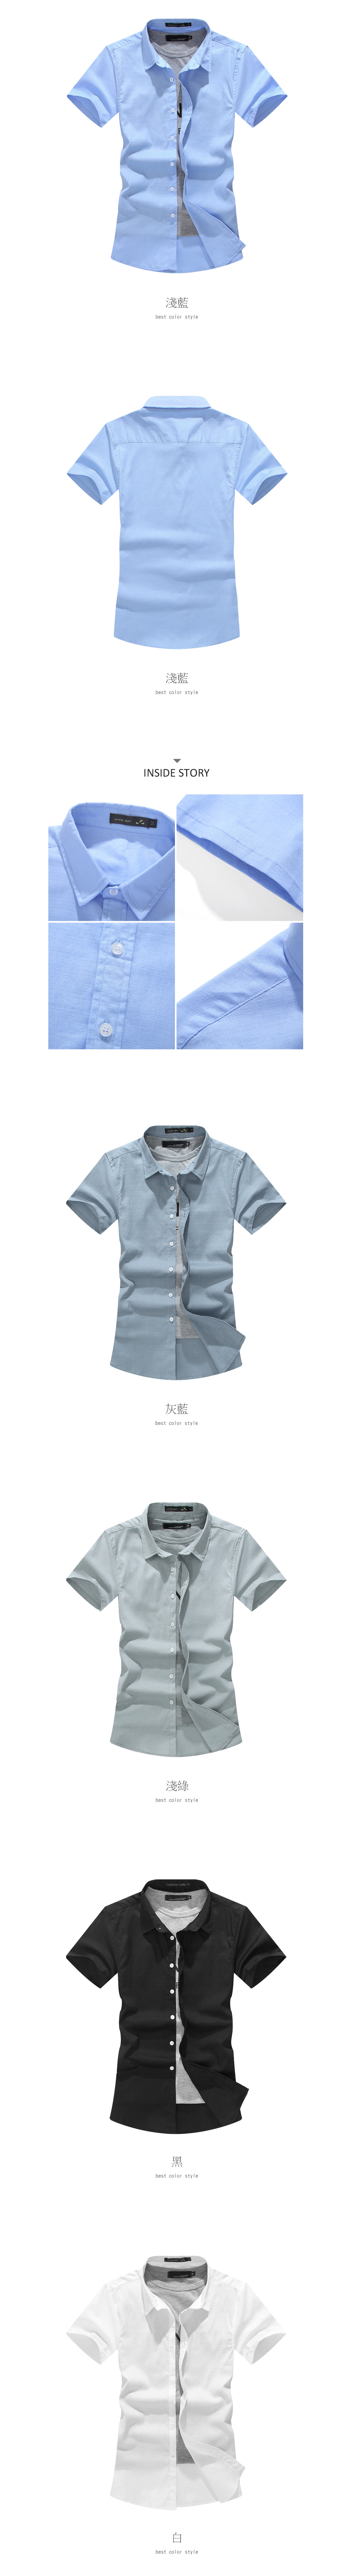 夏日舒適穿搭.棉麻素面短袖襯衫